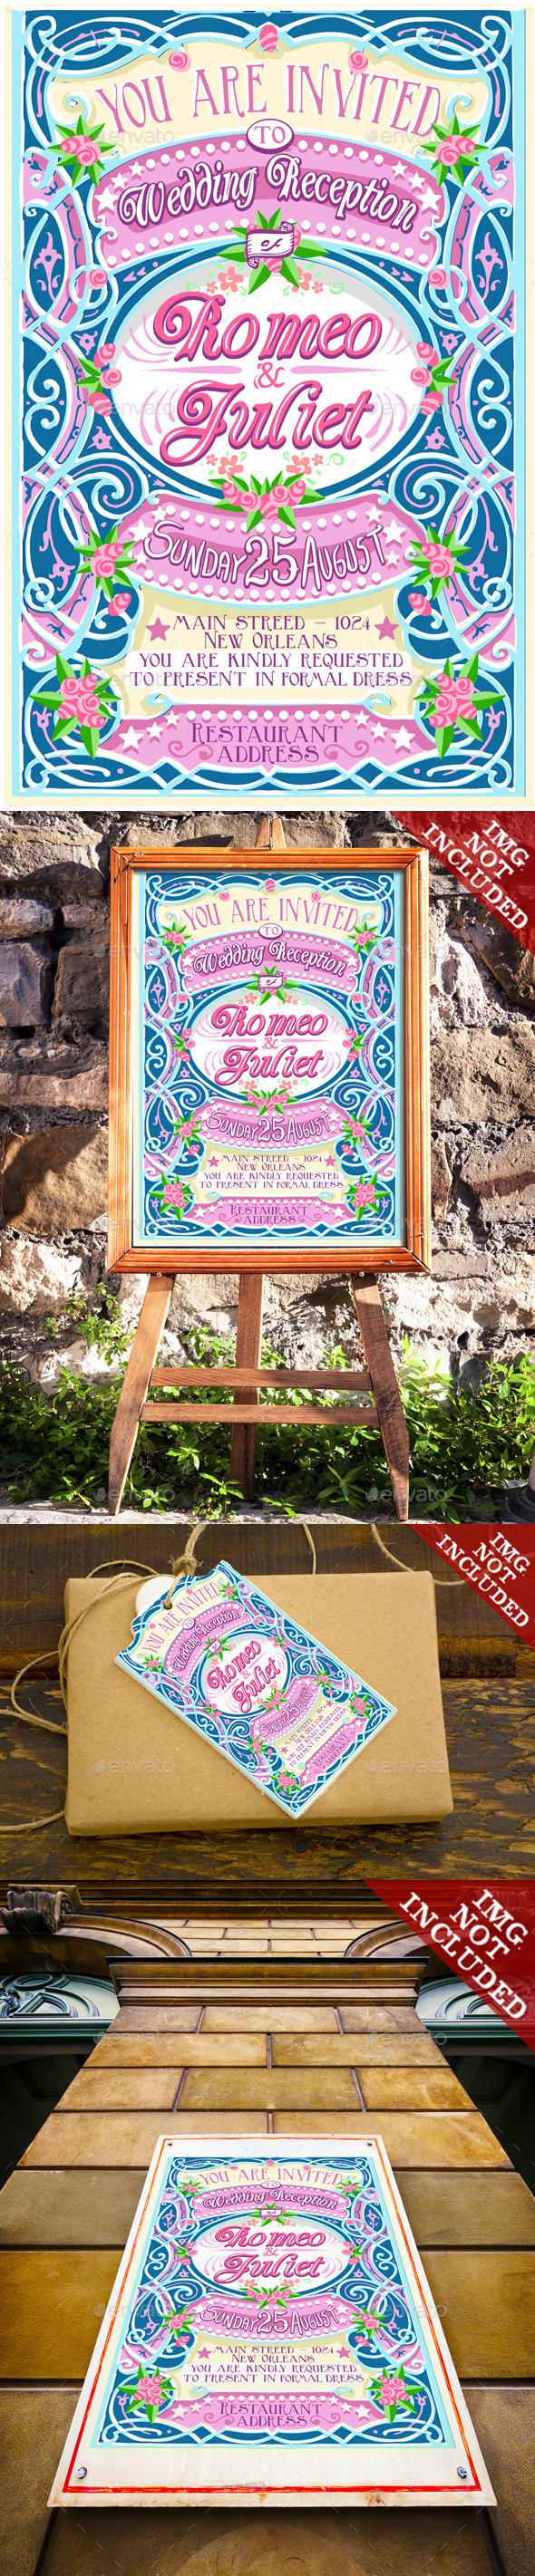 Floral Vintage Wedding Invite  - Weddings Seasons/Holidays